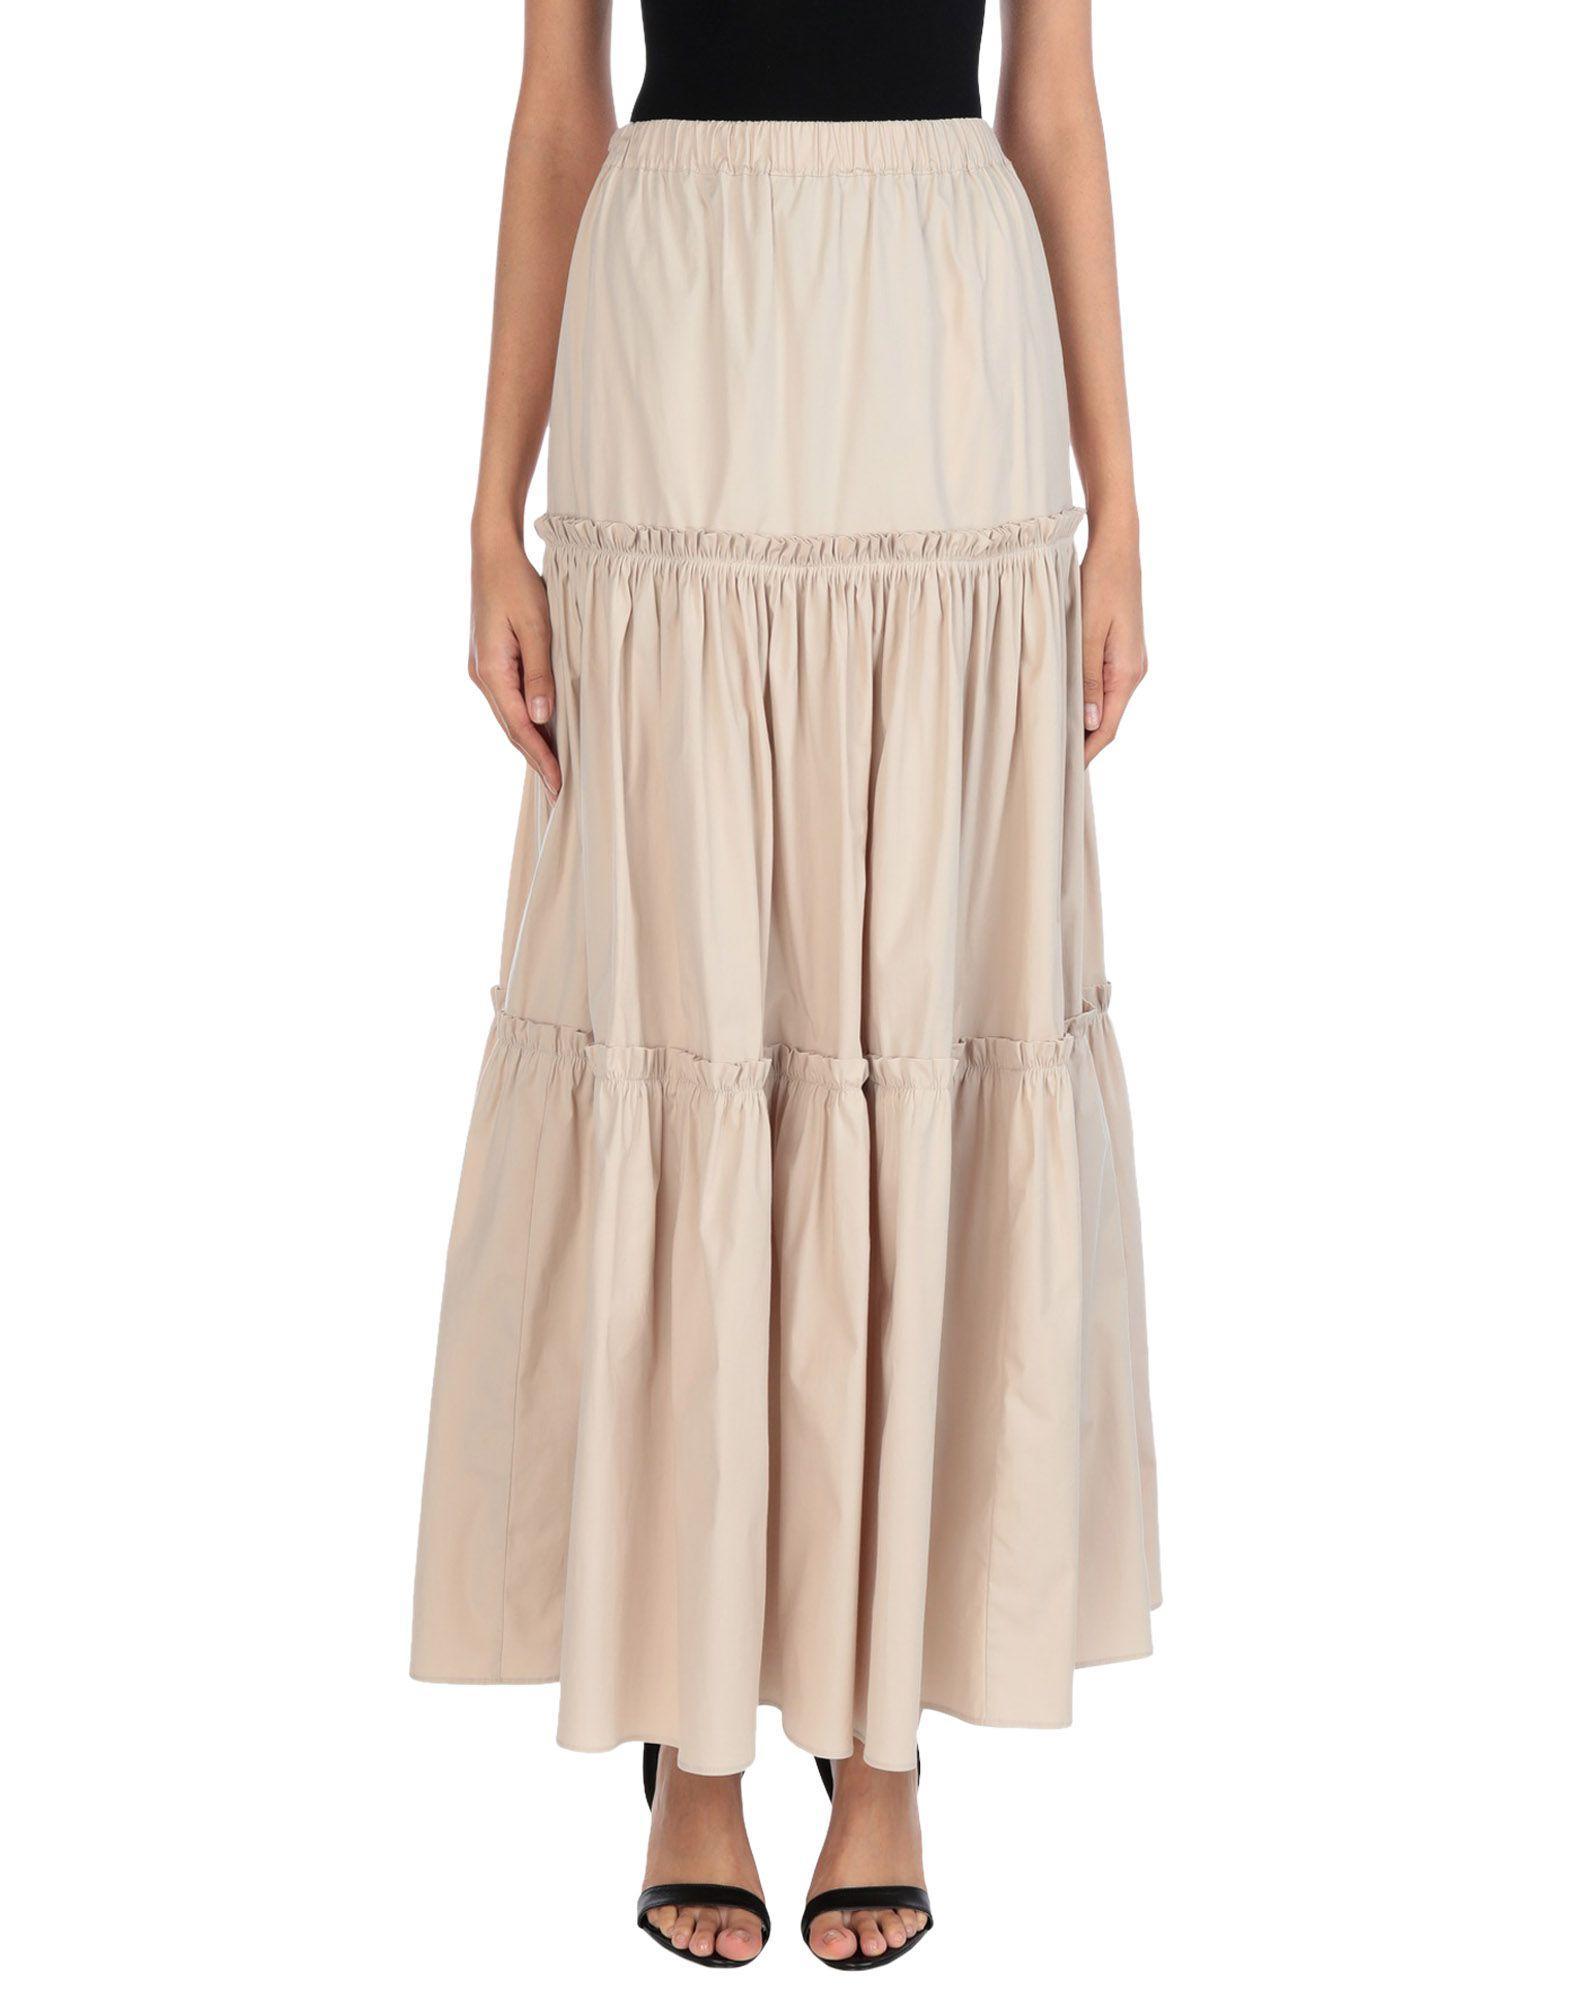 Длинная юбка  Бежевый цвета